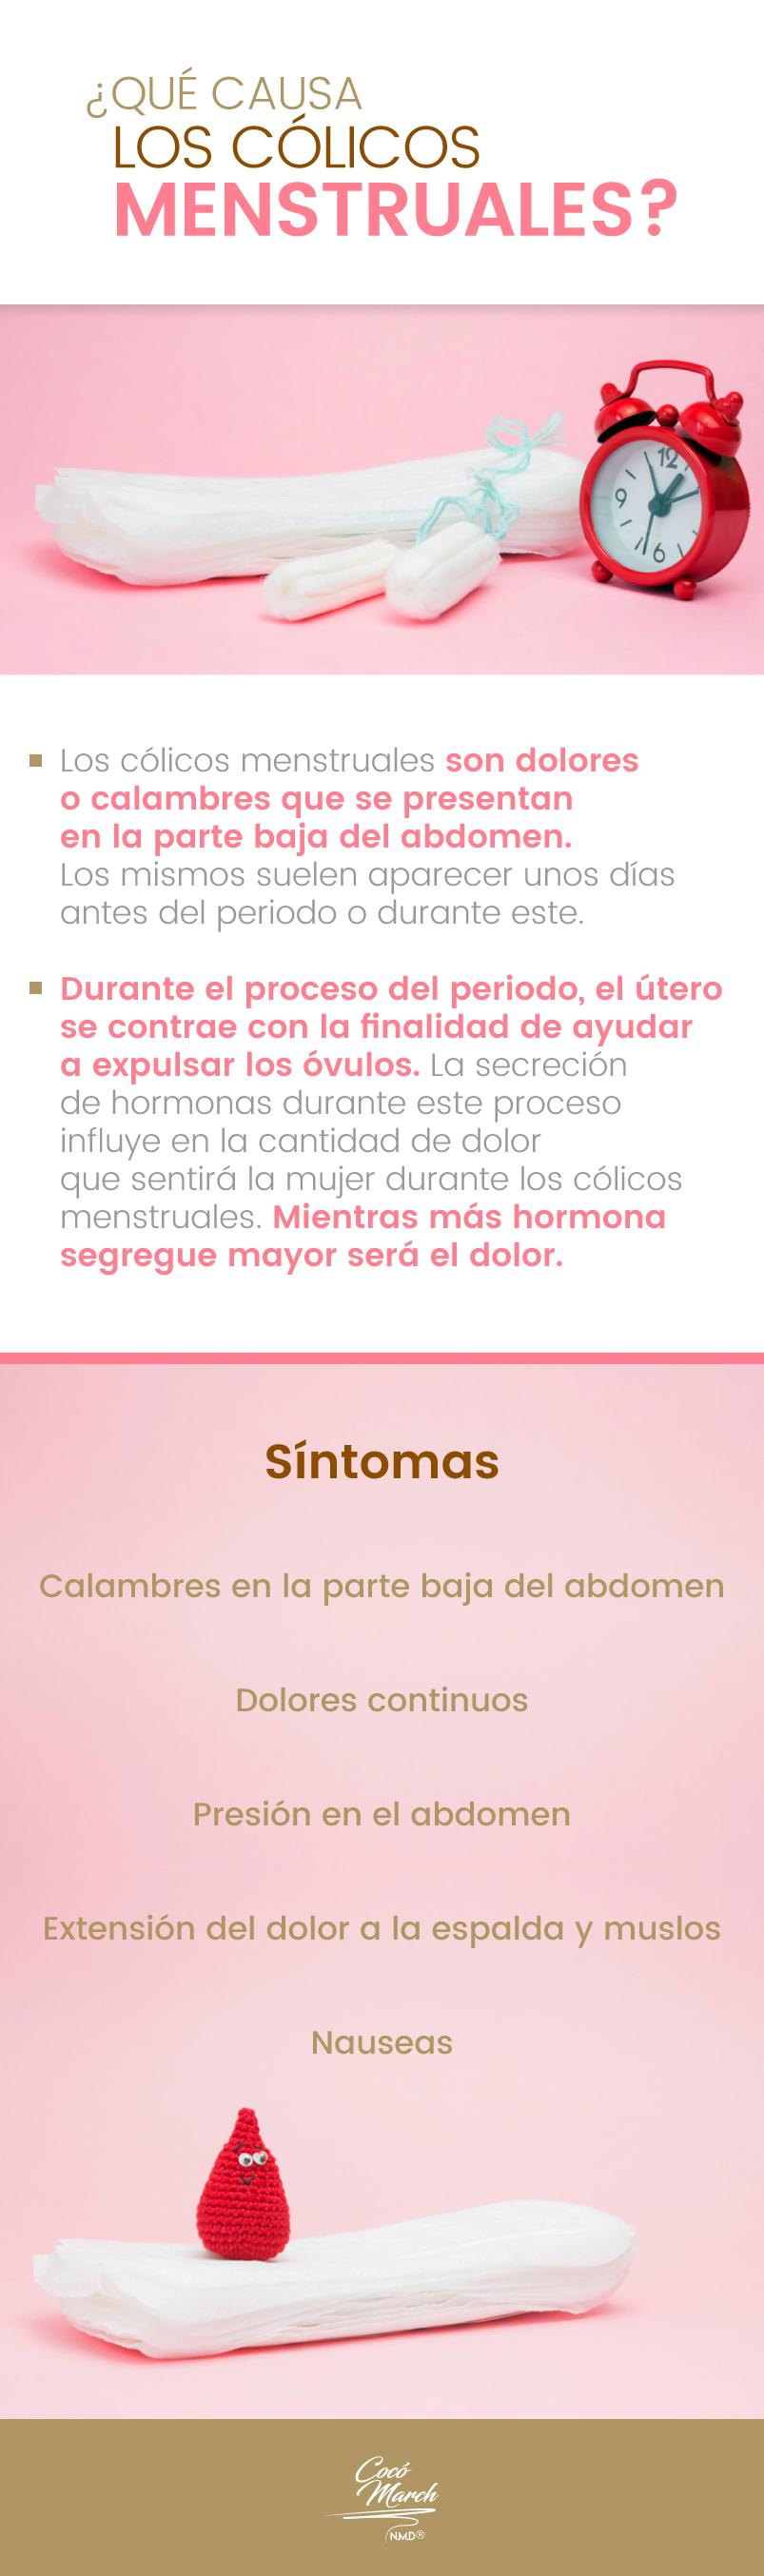 colicos-menstruales-causas